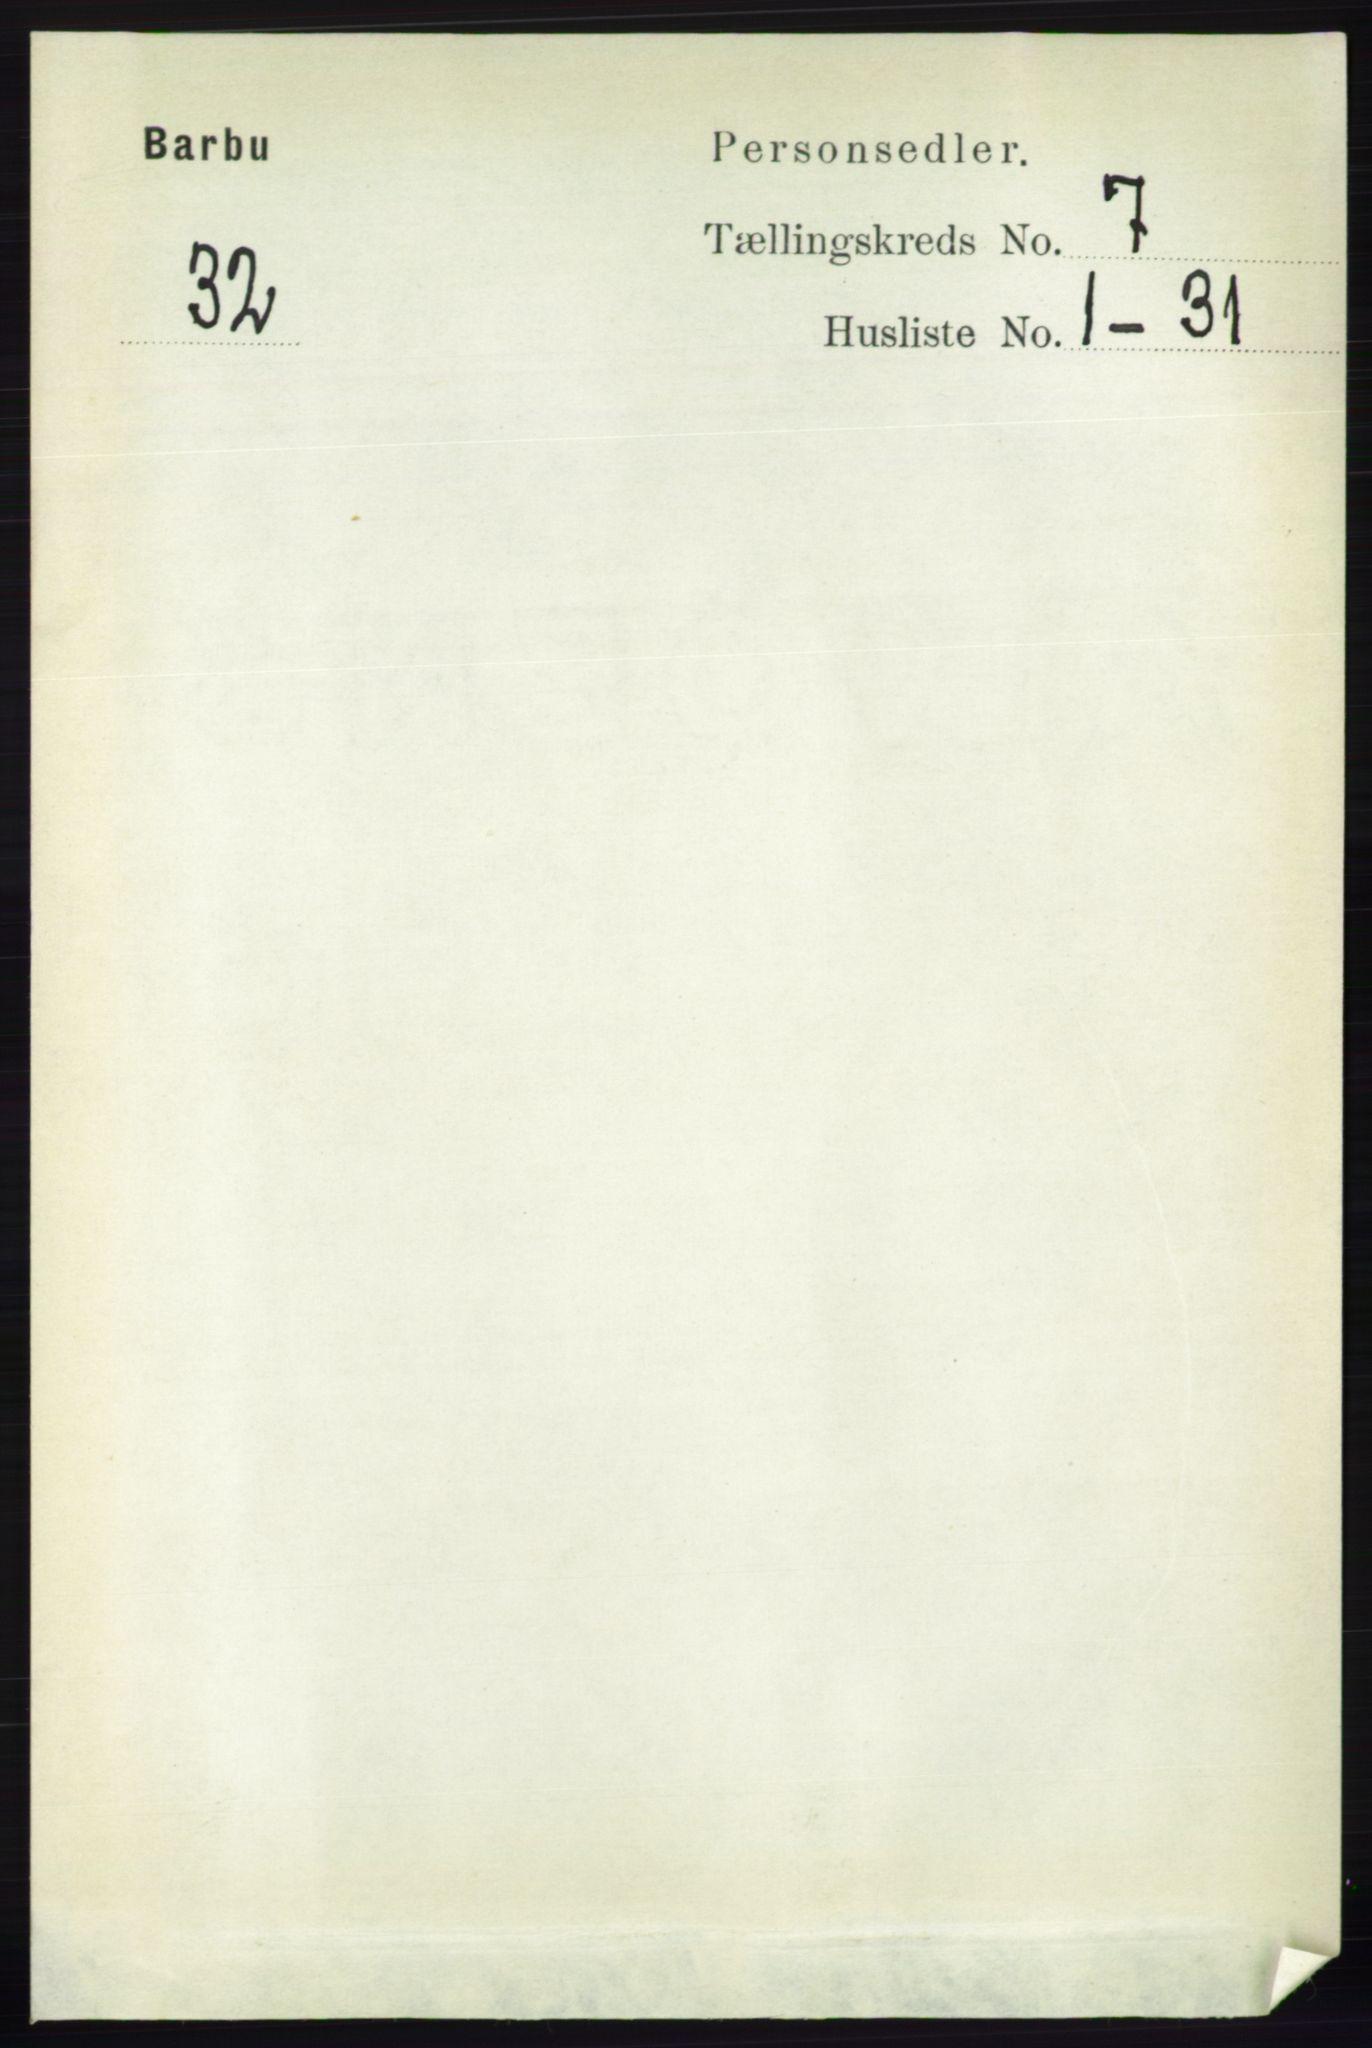 RA, Folketelling 1891 for 0990 Barbu herred, 1891, s. 5048